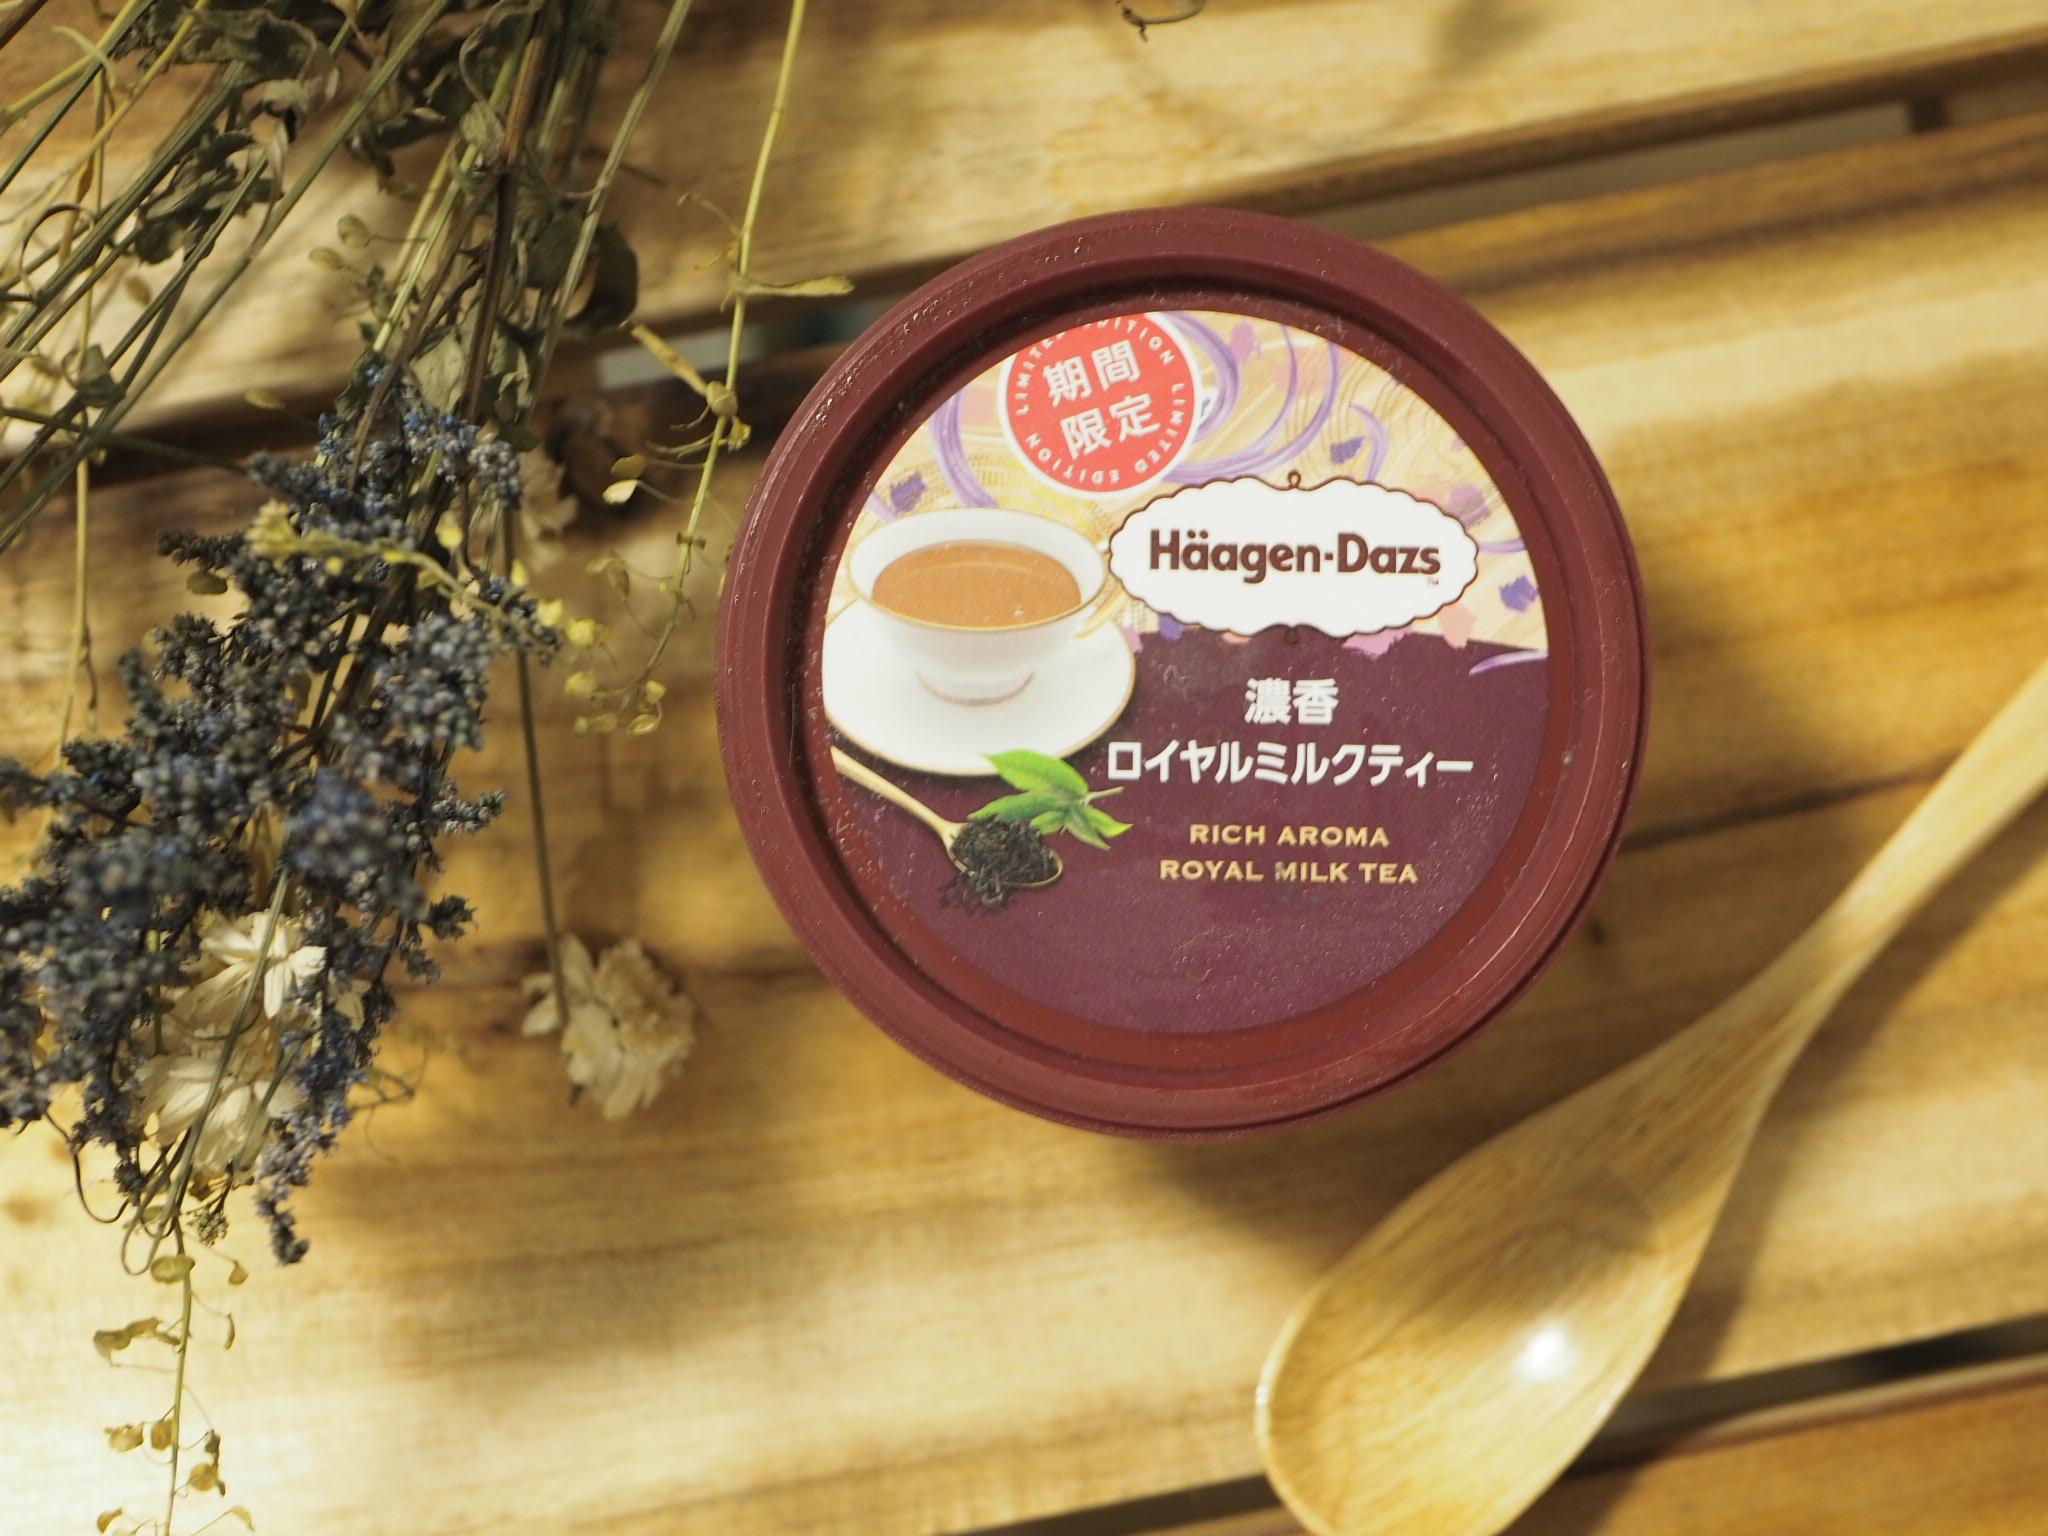 【ハーゲンダッツ新作】紅茶好き必見!「濃香ロイヤルミルクティー」は間違いない美味しさ♡_7